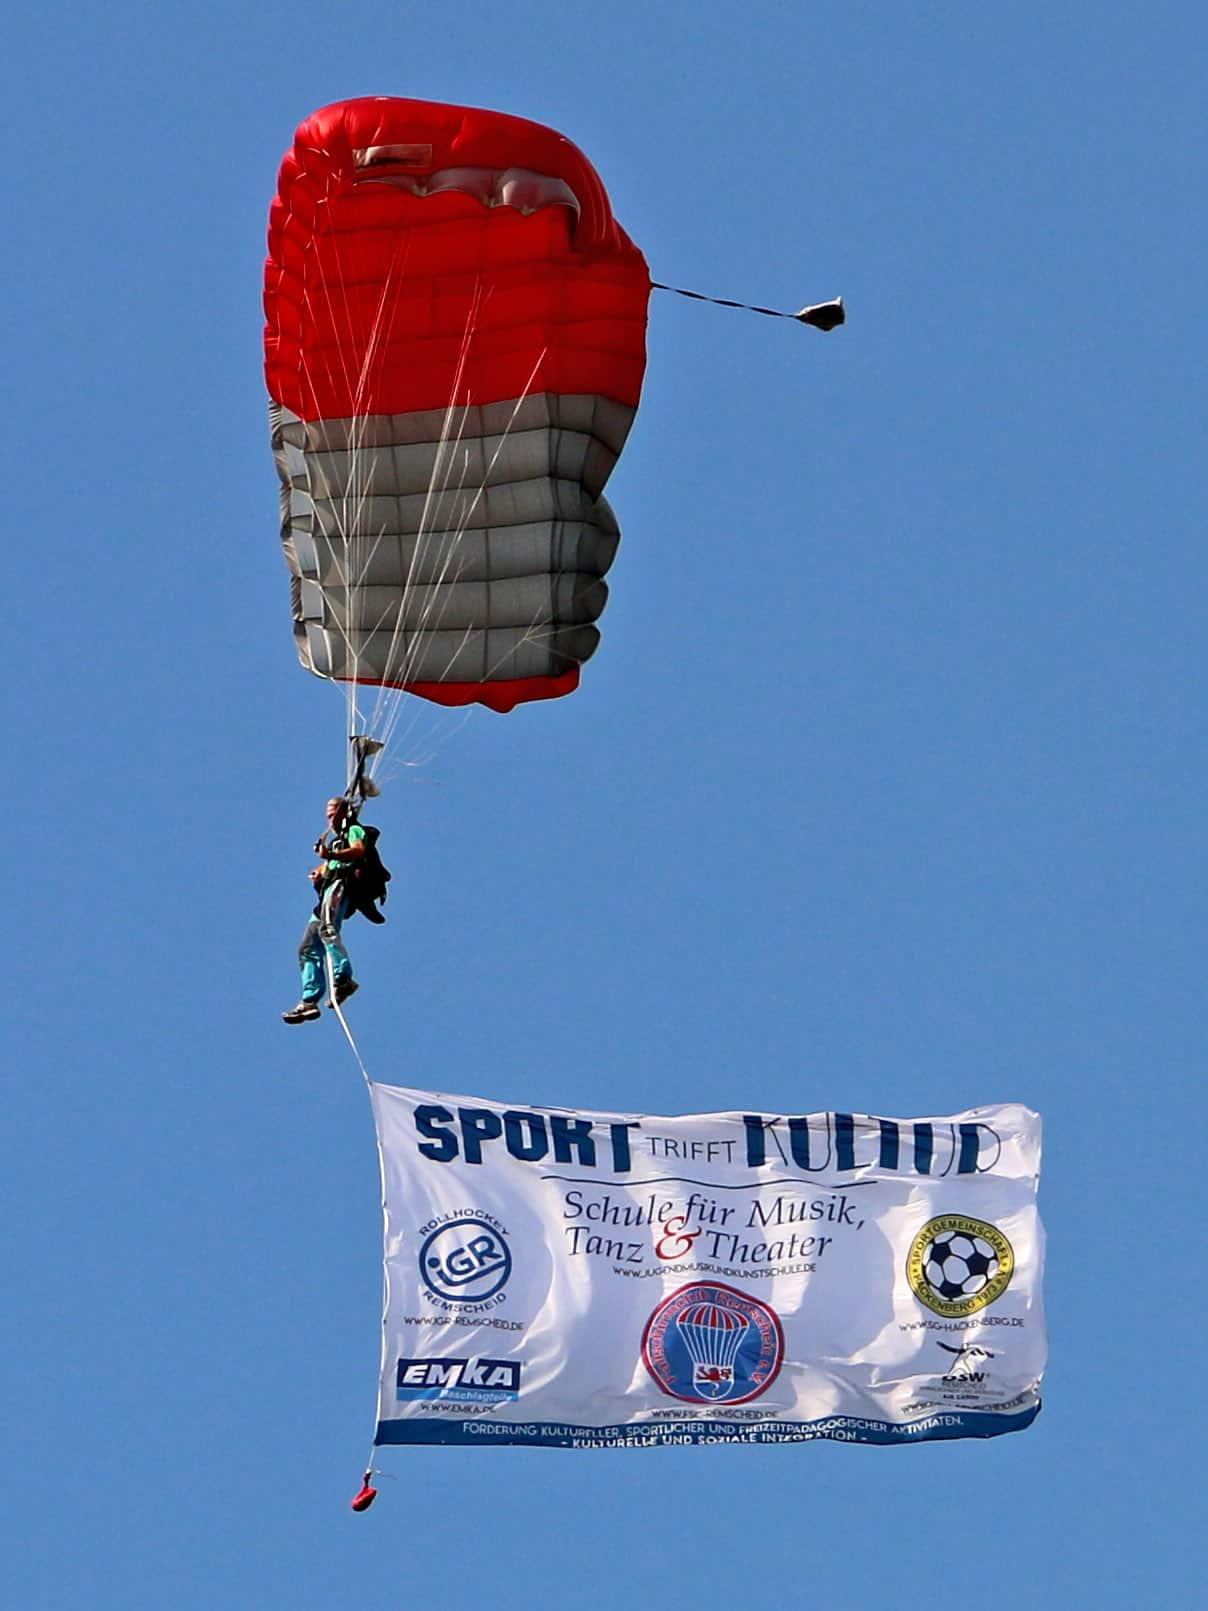 Unsere Veranstaltungsflagge, geflogen von Harry Koska aus Calden